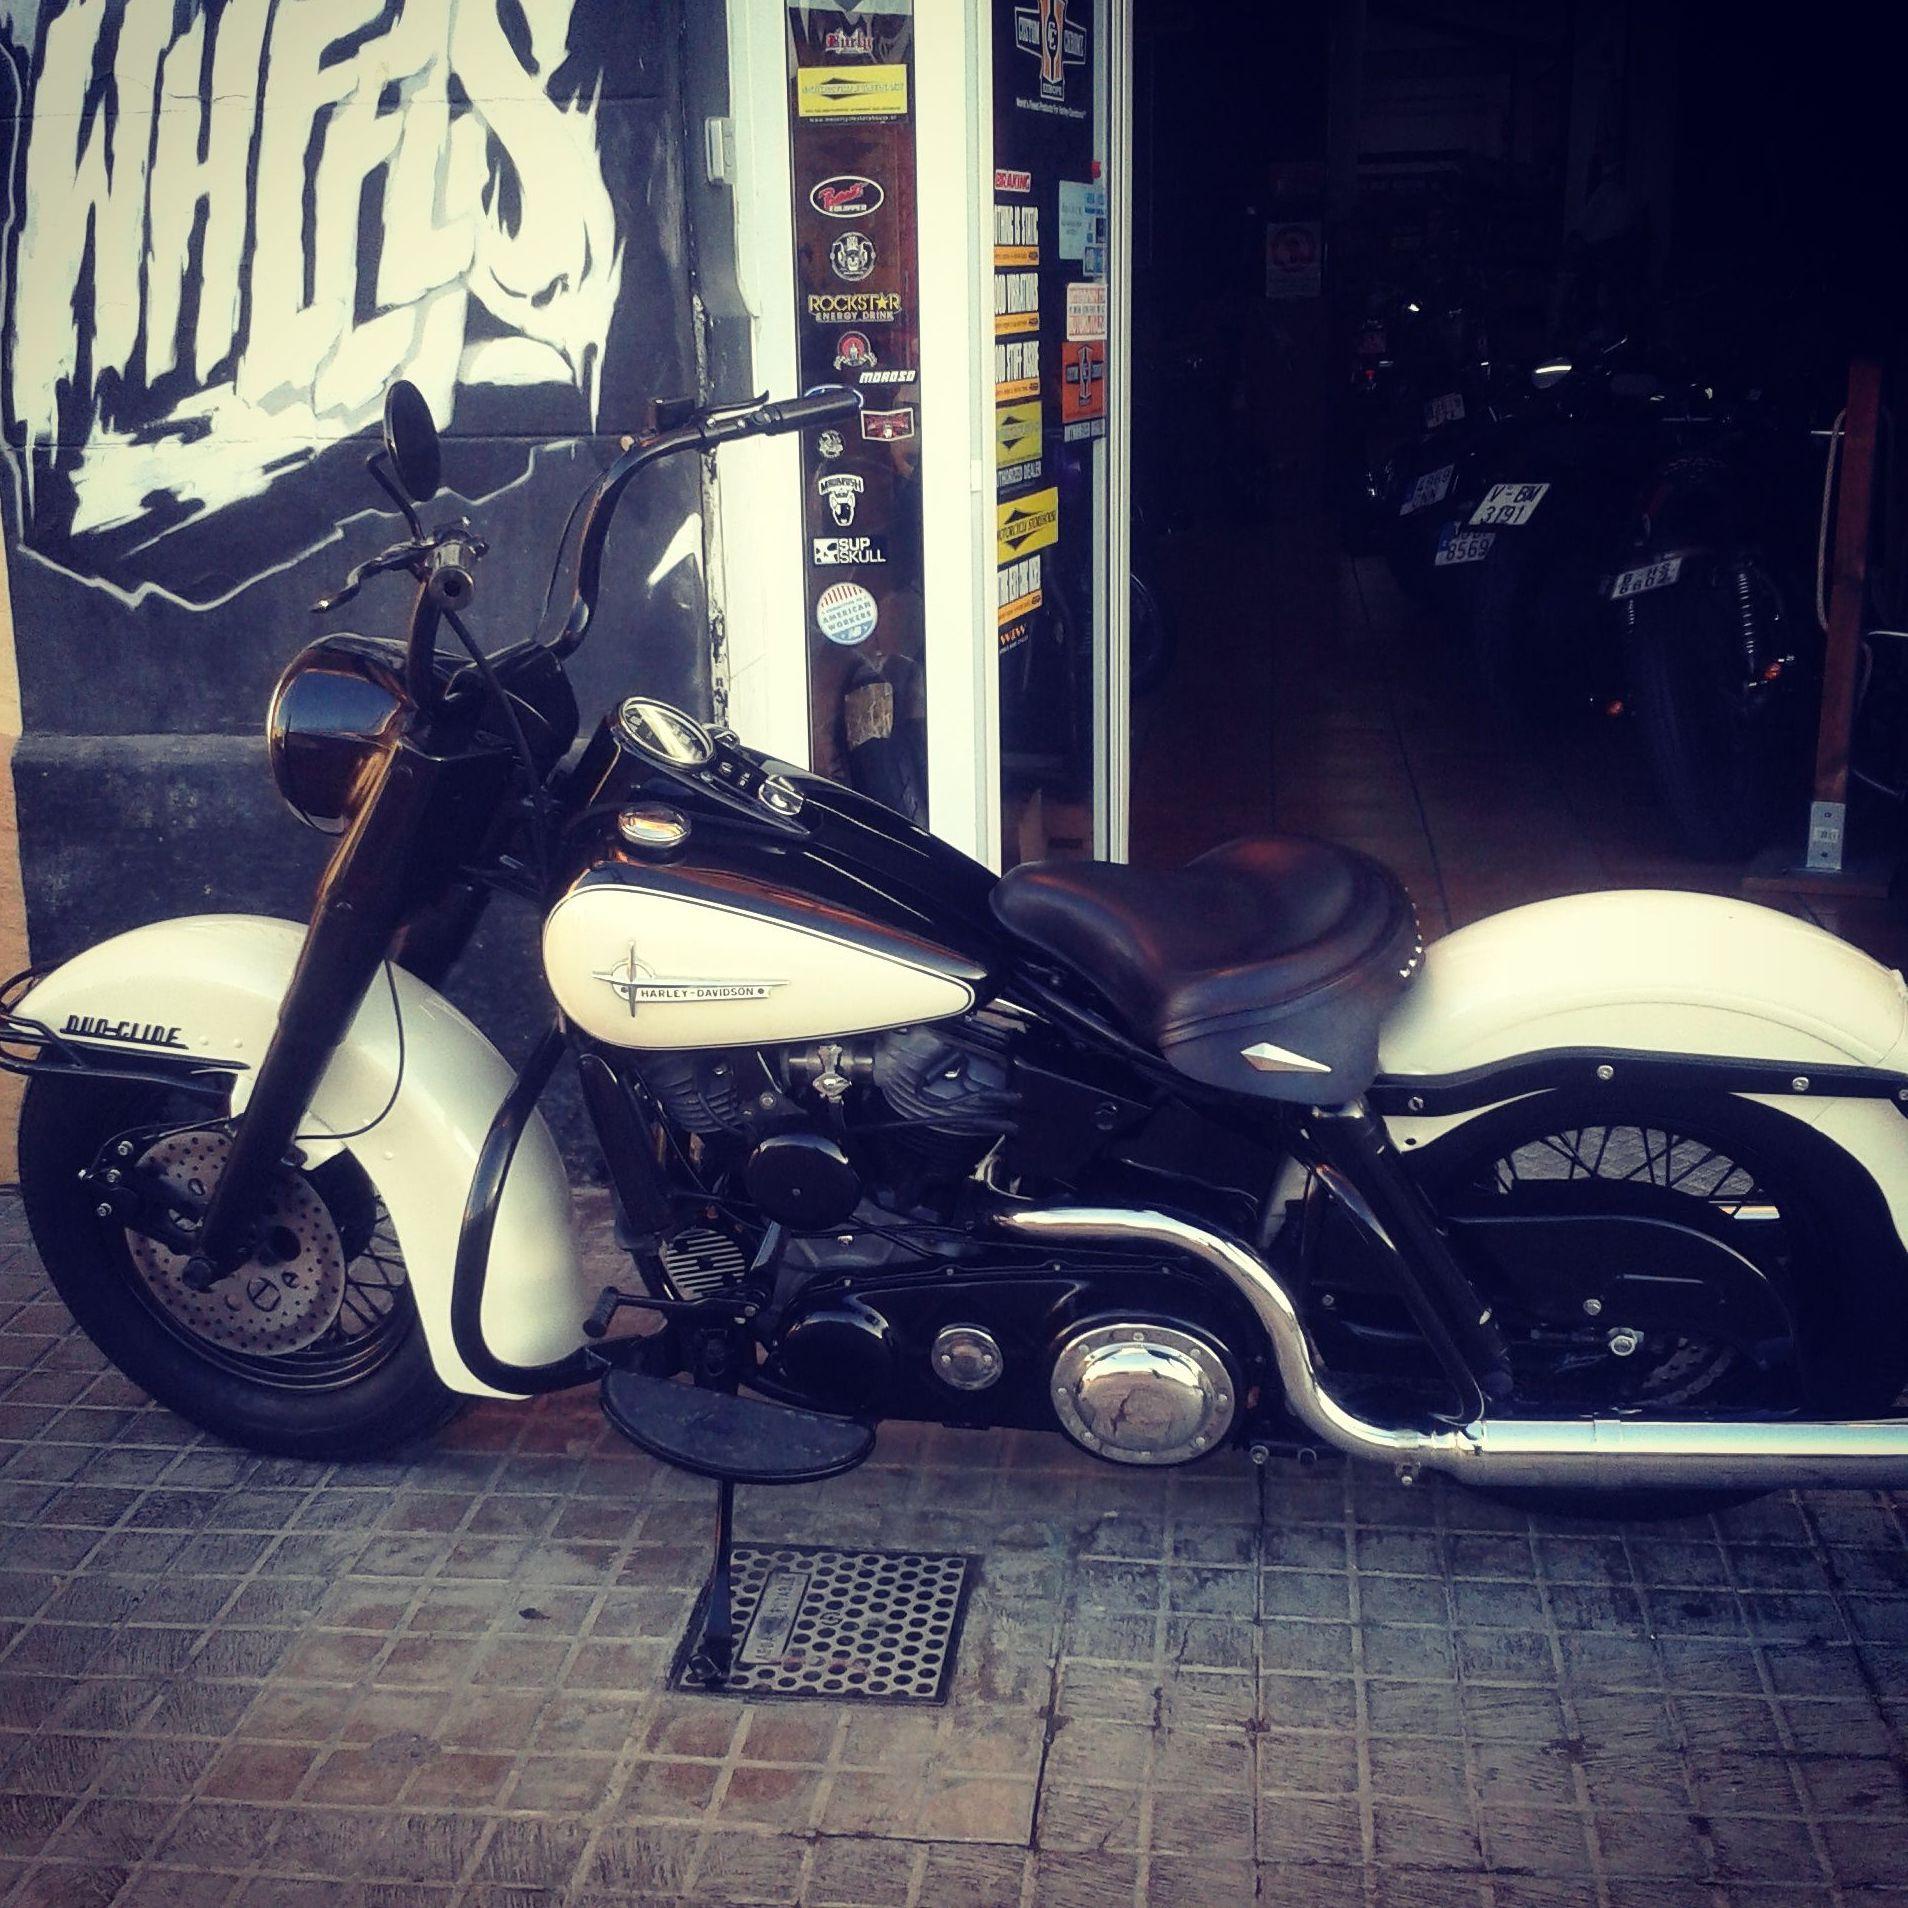 restauracion harley davidson, personalizacion motos en valencia, harley davidson, customizar harley